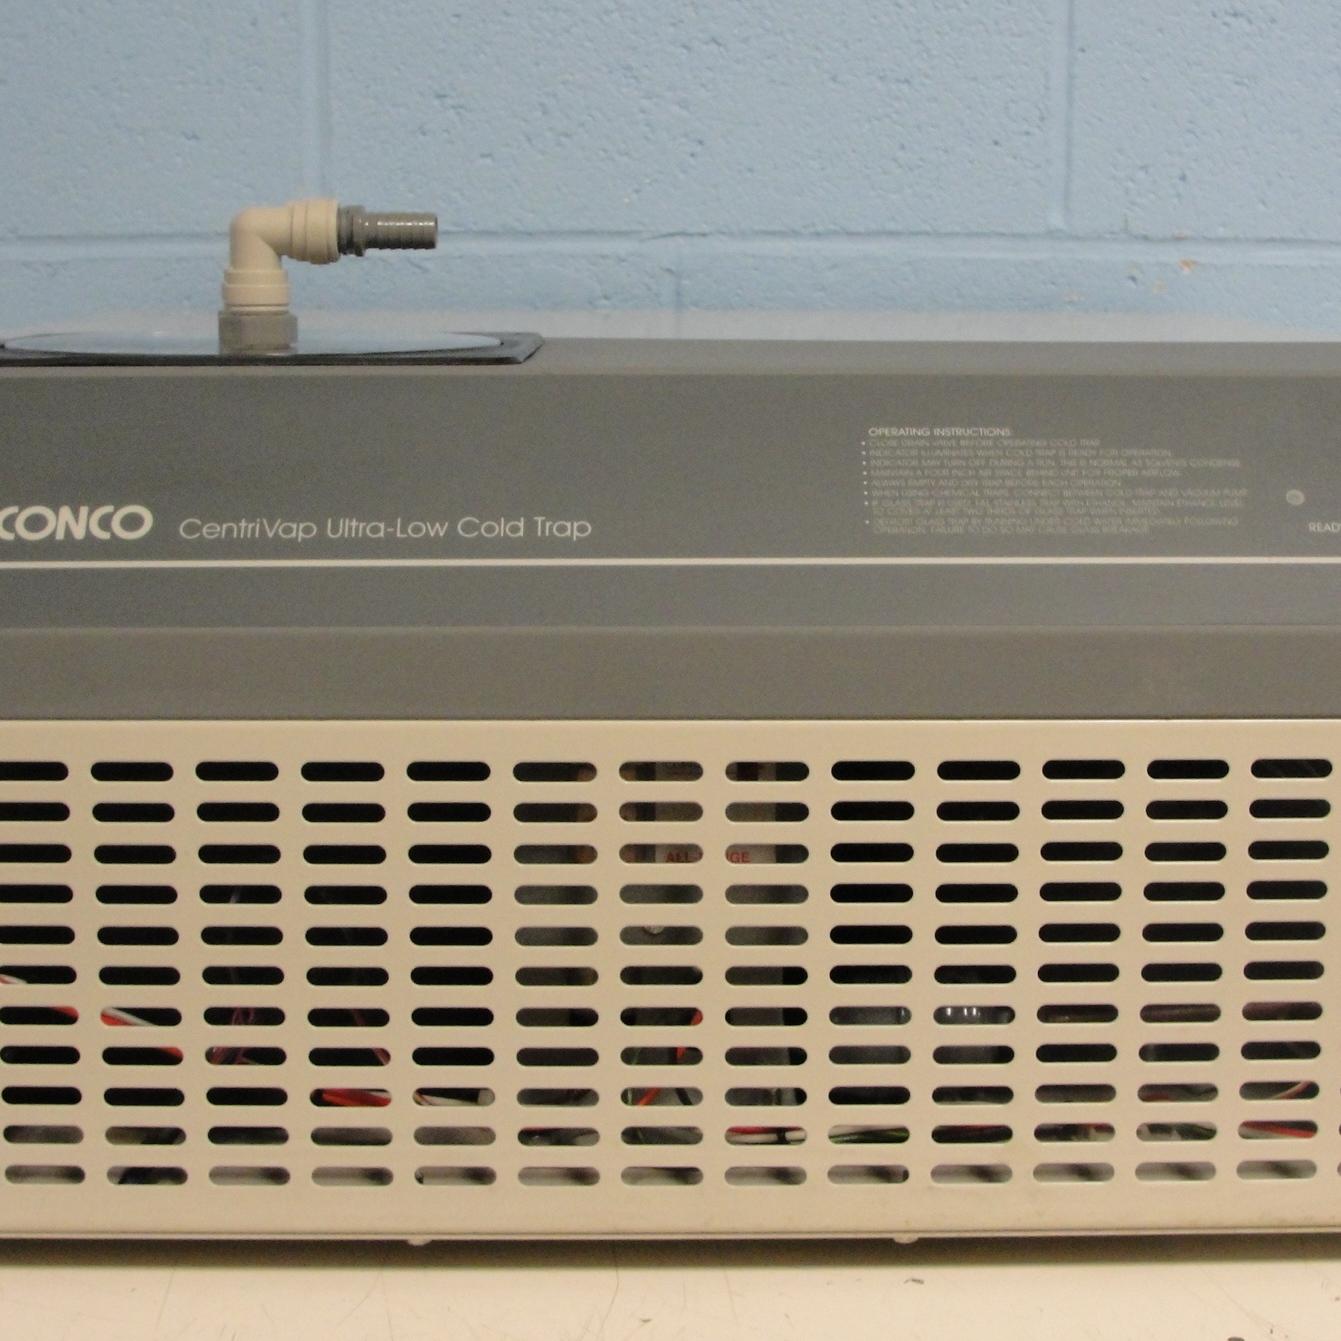 Labconco CentriVap Ultra-Low Cold Trap CAT#746000 Image